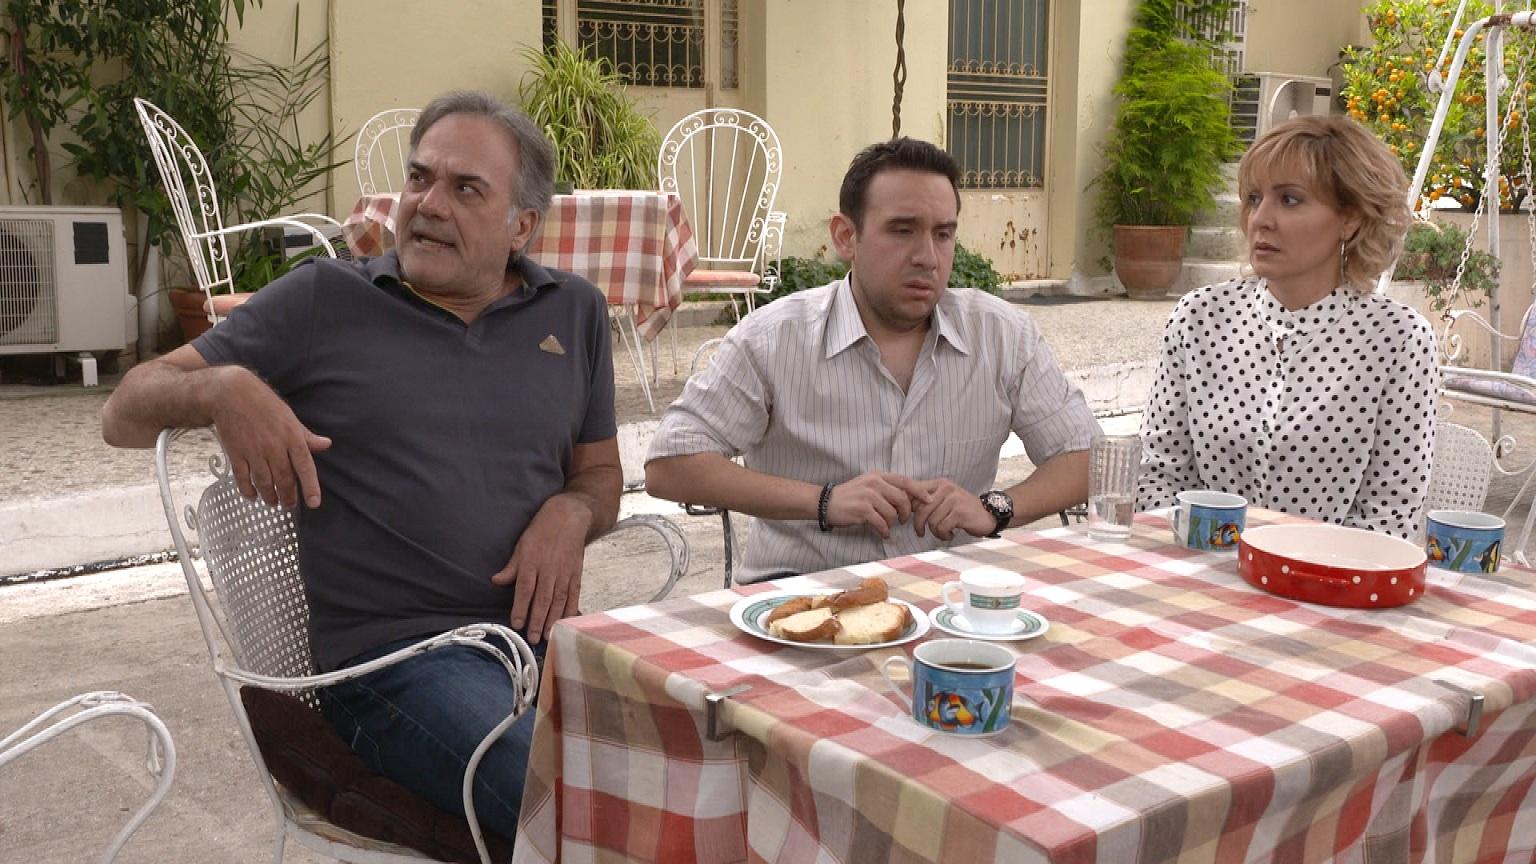 Έλα στη θέση μου - Παύλος Ευαγγελόπουλος: όλες οι λεπτομέρειες για τα τελευταία επεισόδια της σειράς